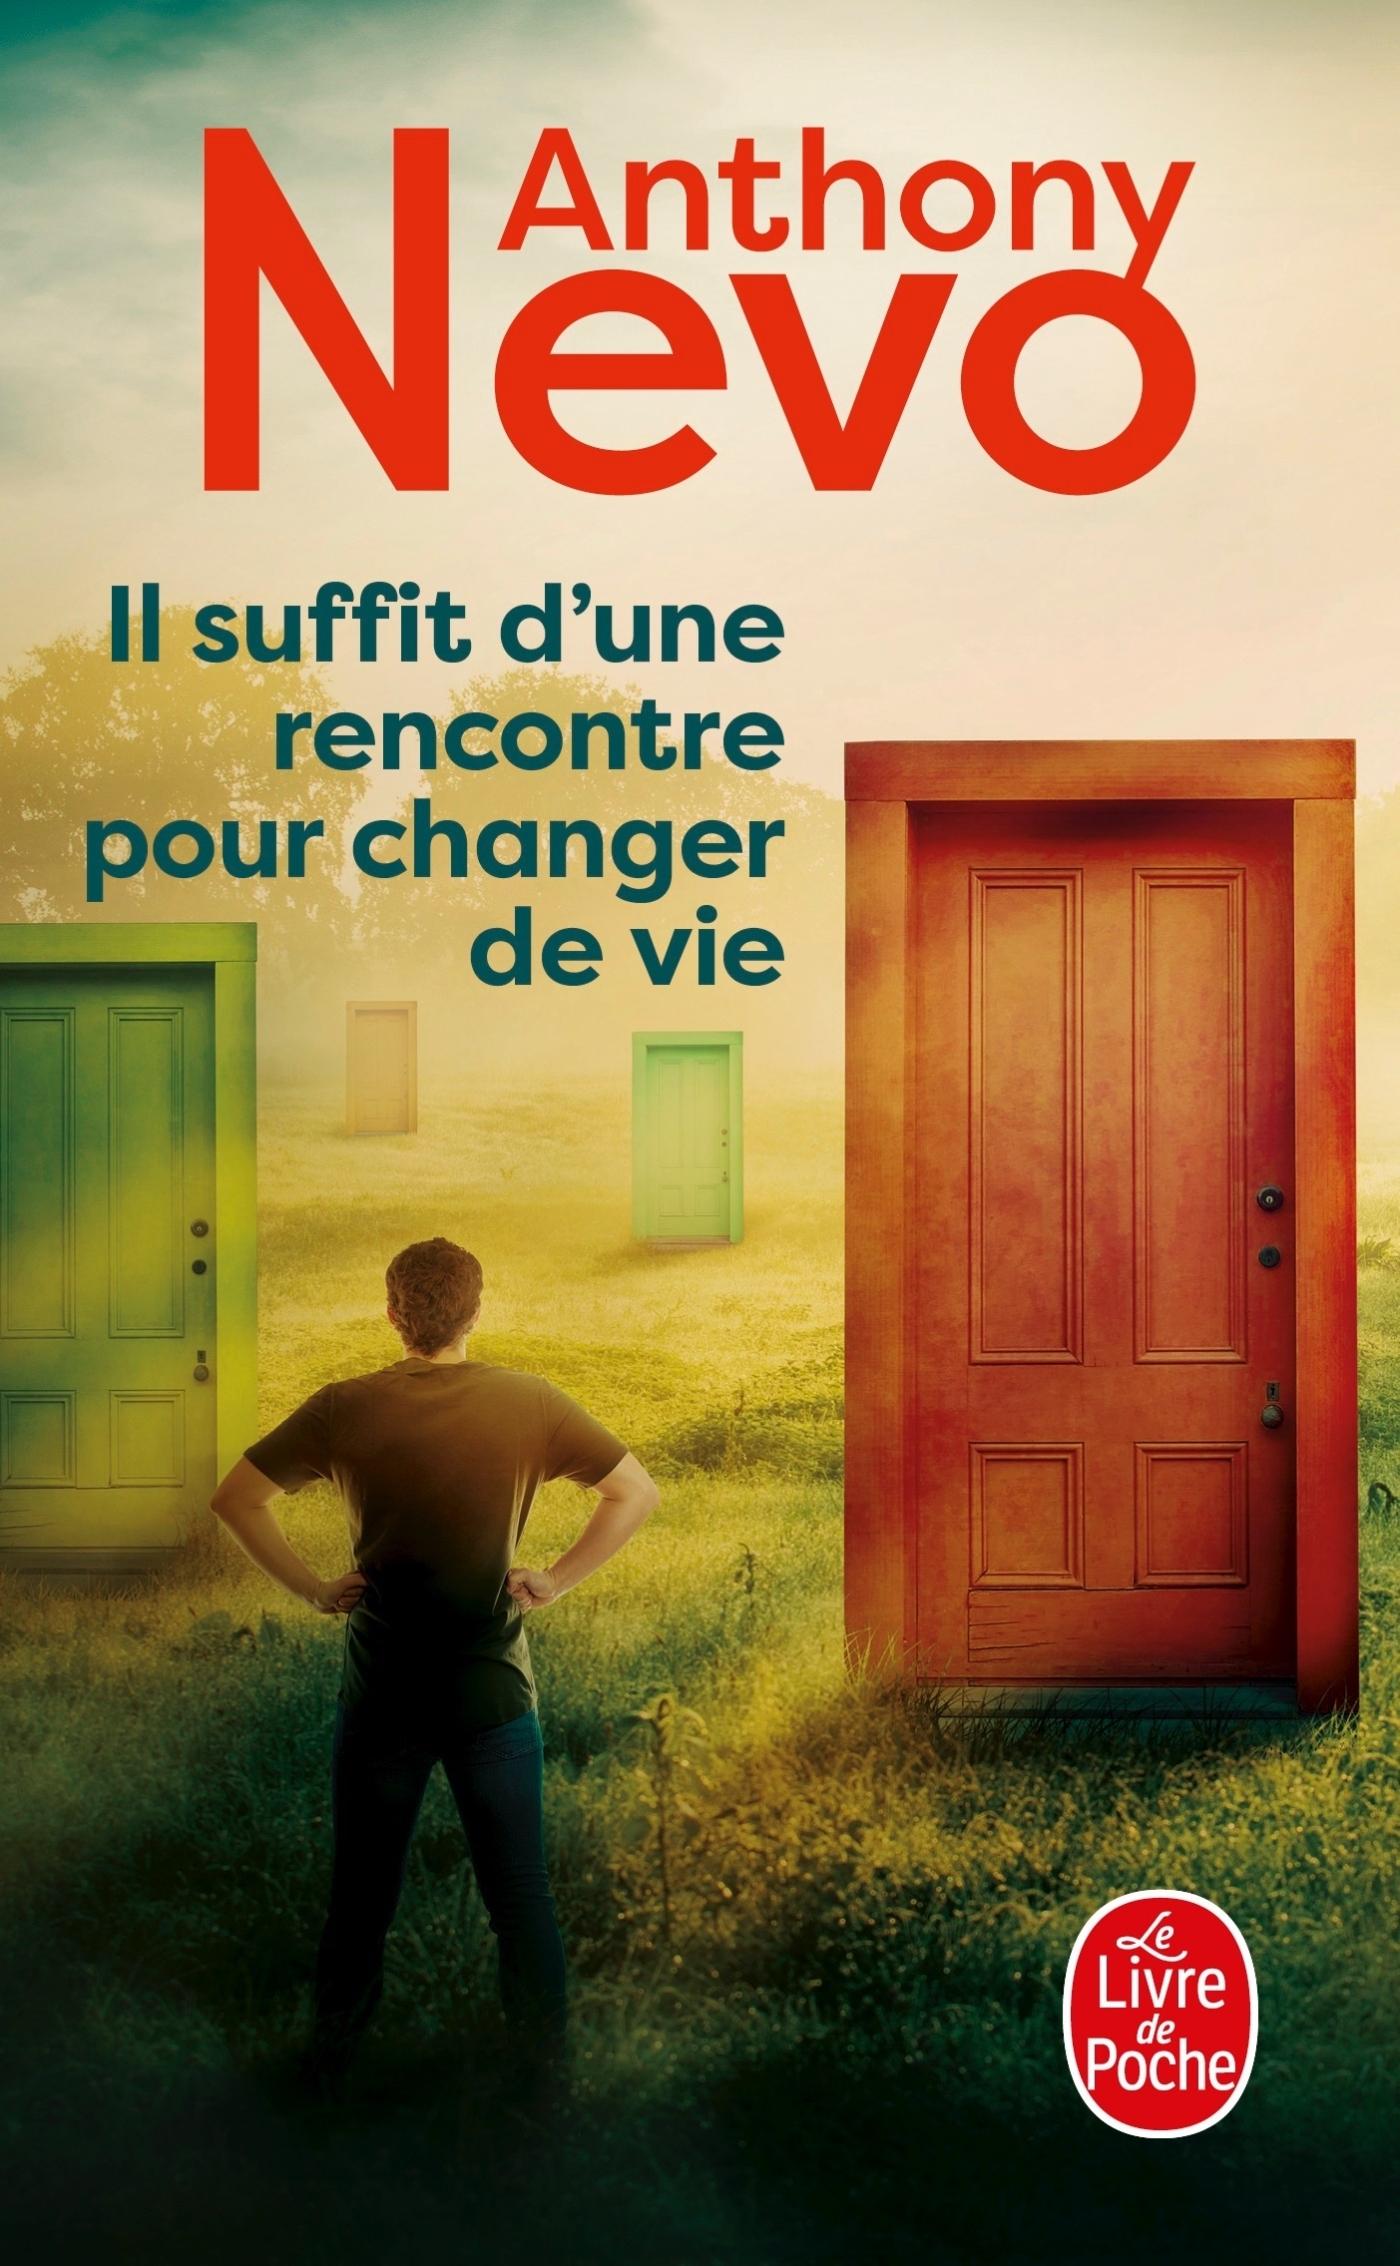 IL SUFFIT D'UNE RENCONTRE POUR CHANGER DE VIE